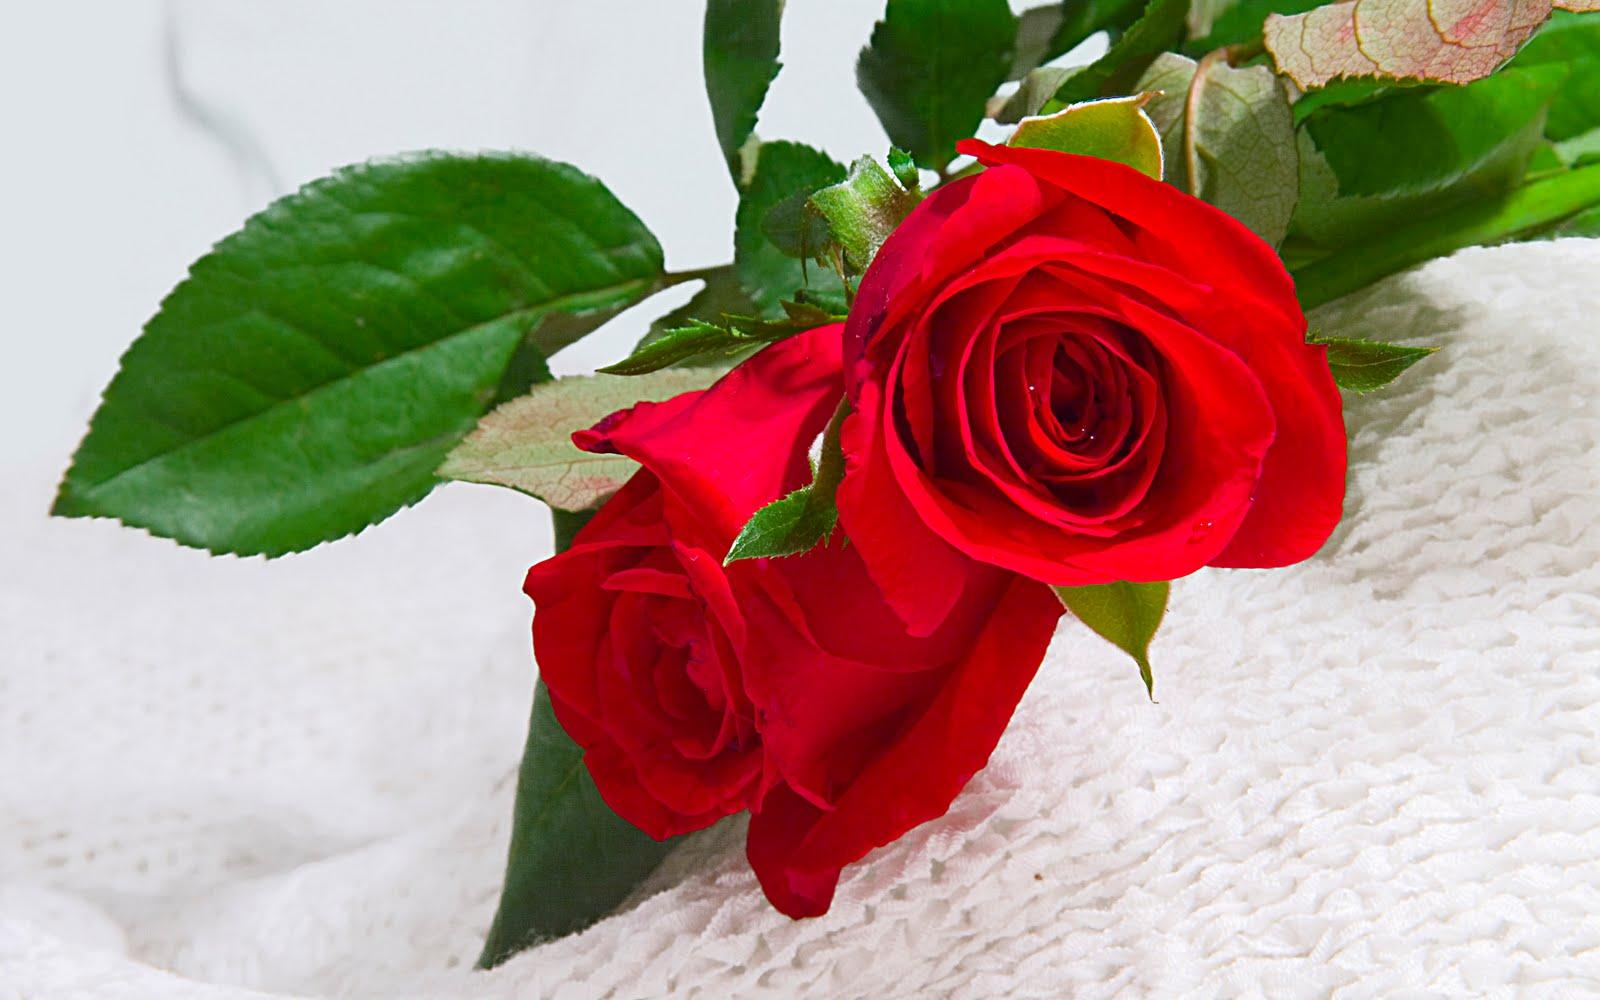 بالصور اجمل صور خلفيات لزهور الورد 20160712 495